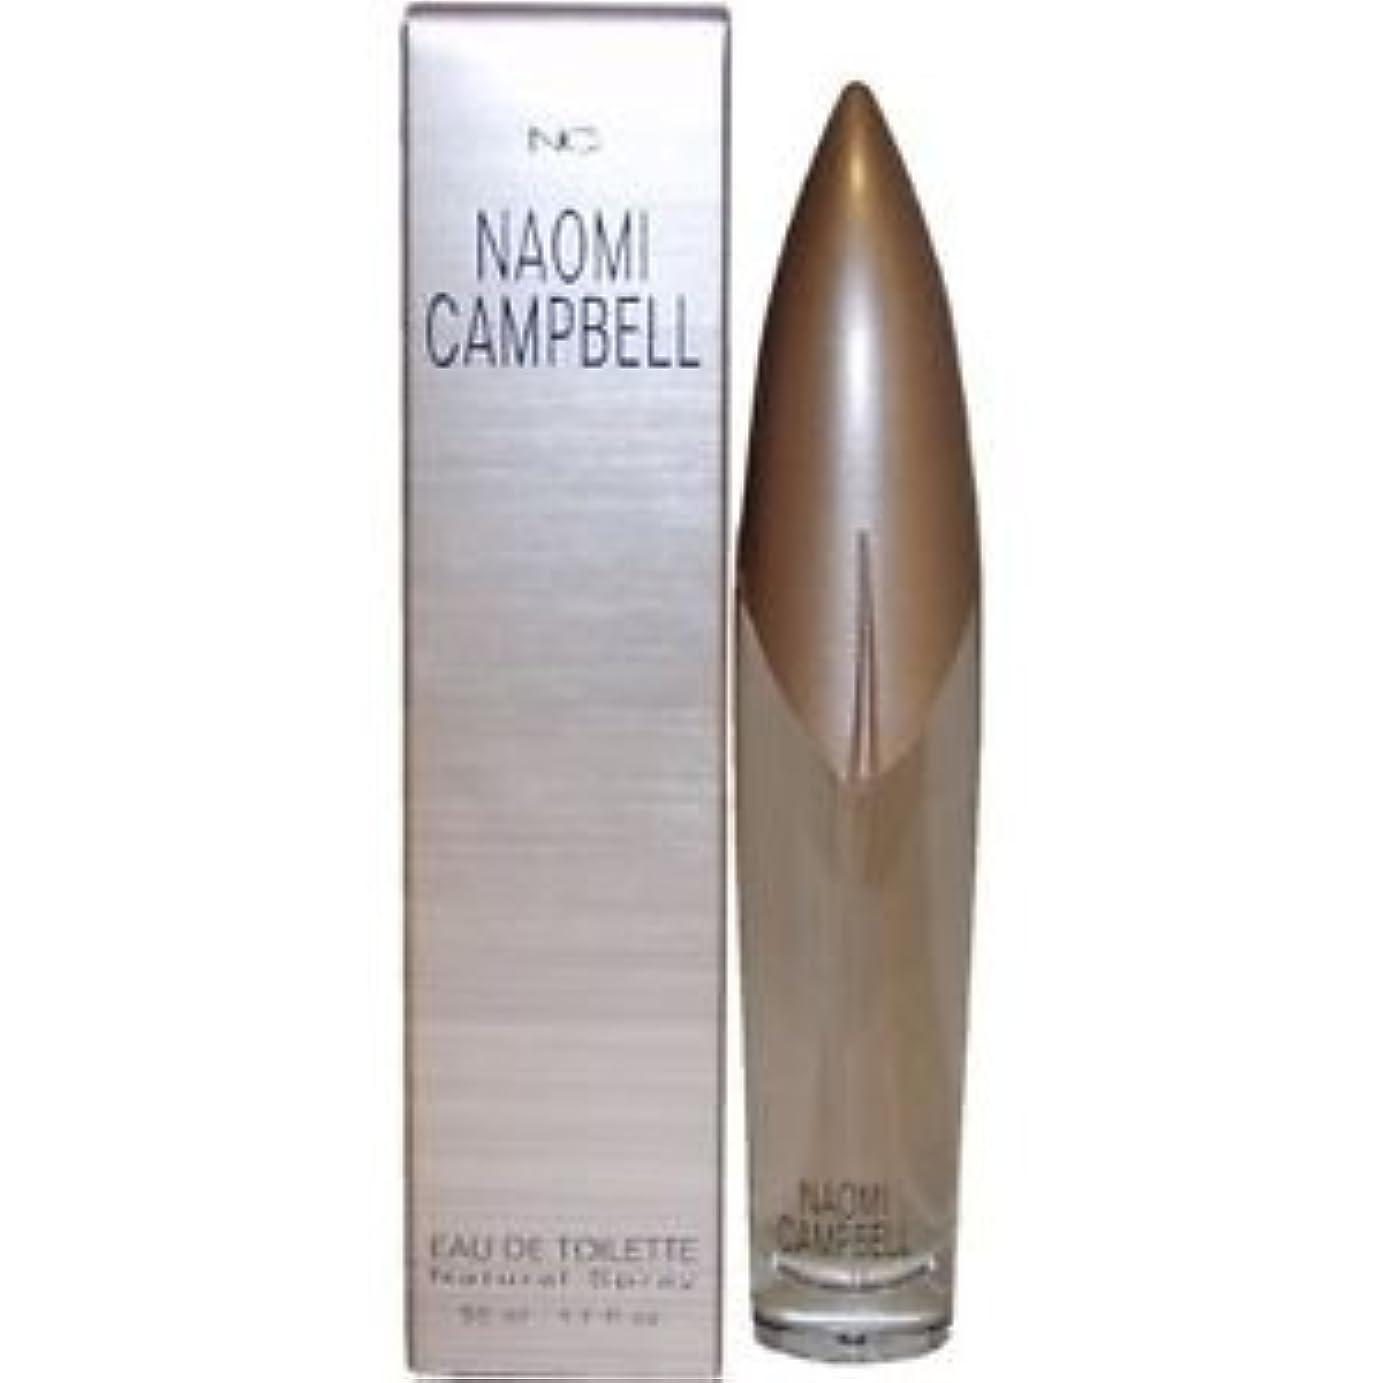 ただやるペパーミントペナルティナオミ キャンベル NAOMI CAMPBELL ナオミ キャンベル EDT SP 50ml